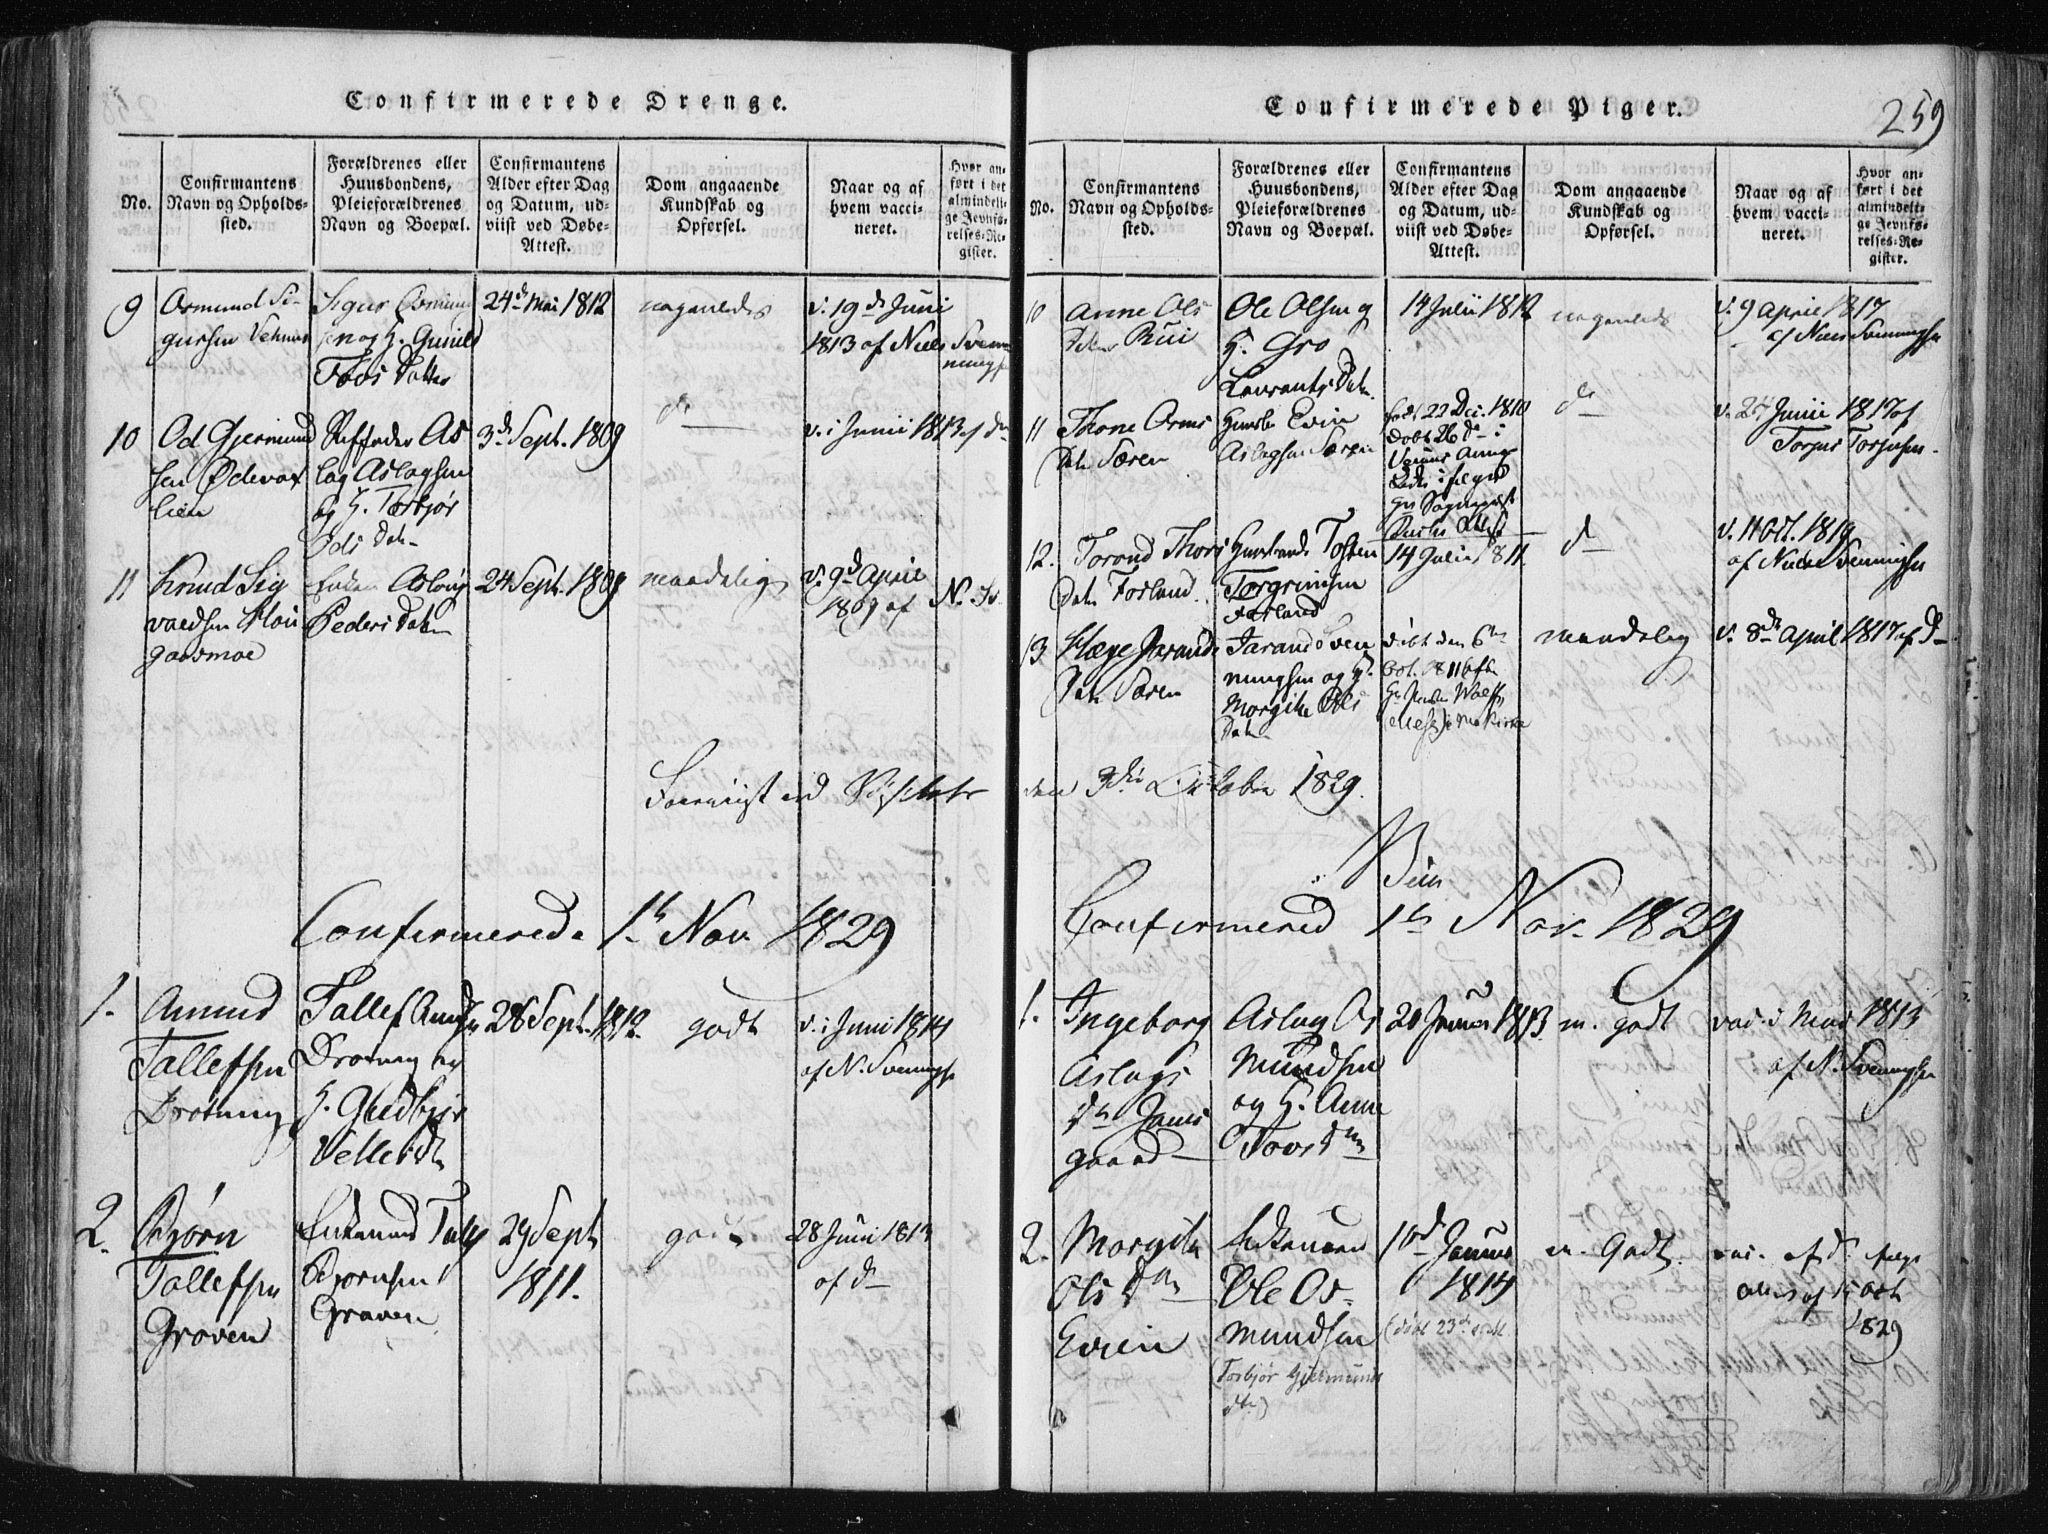 SAKO, Vinje kirkebøker, F/Fa/L0003: Ministerialbok nr. I 3, 1814-1843, s. 259